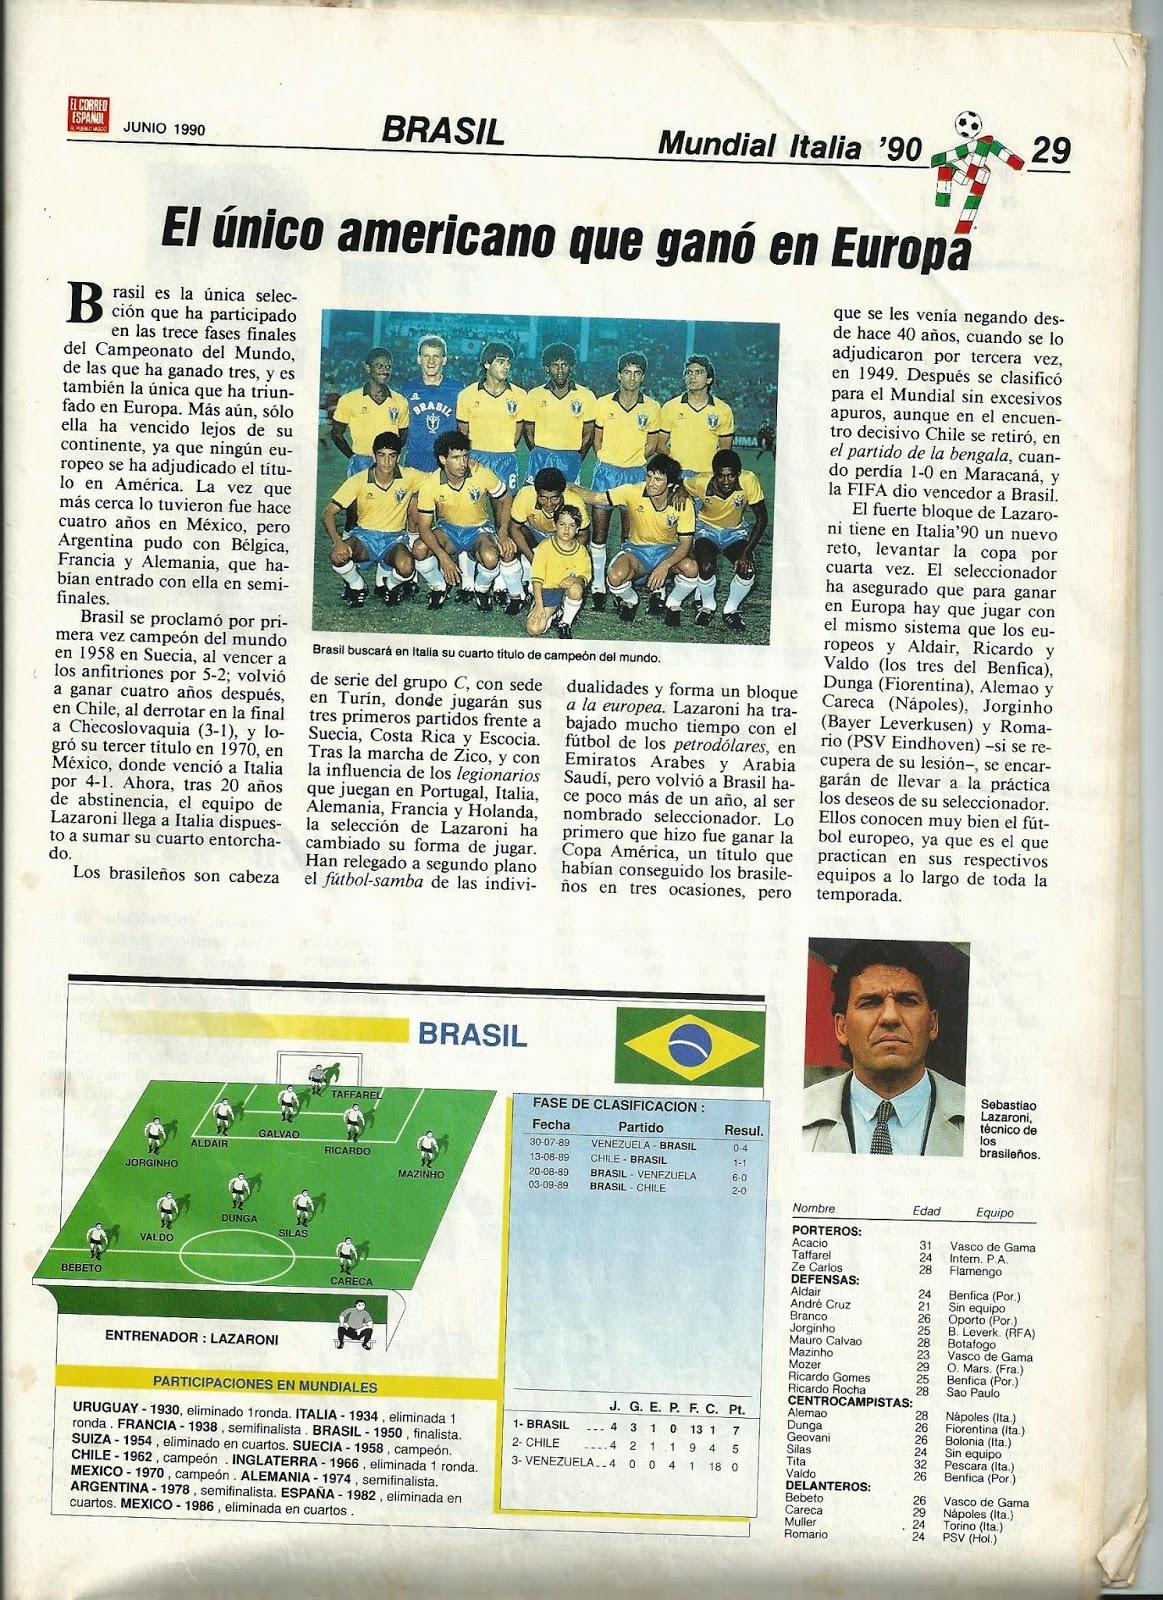 Artículo de 1990 sobre Brasil. Cuando Brasil empezó a jugar con líbero.